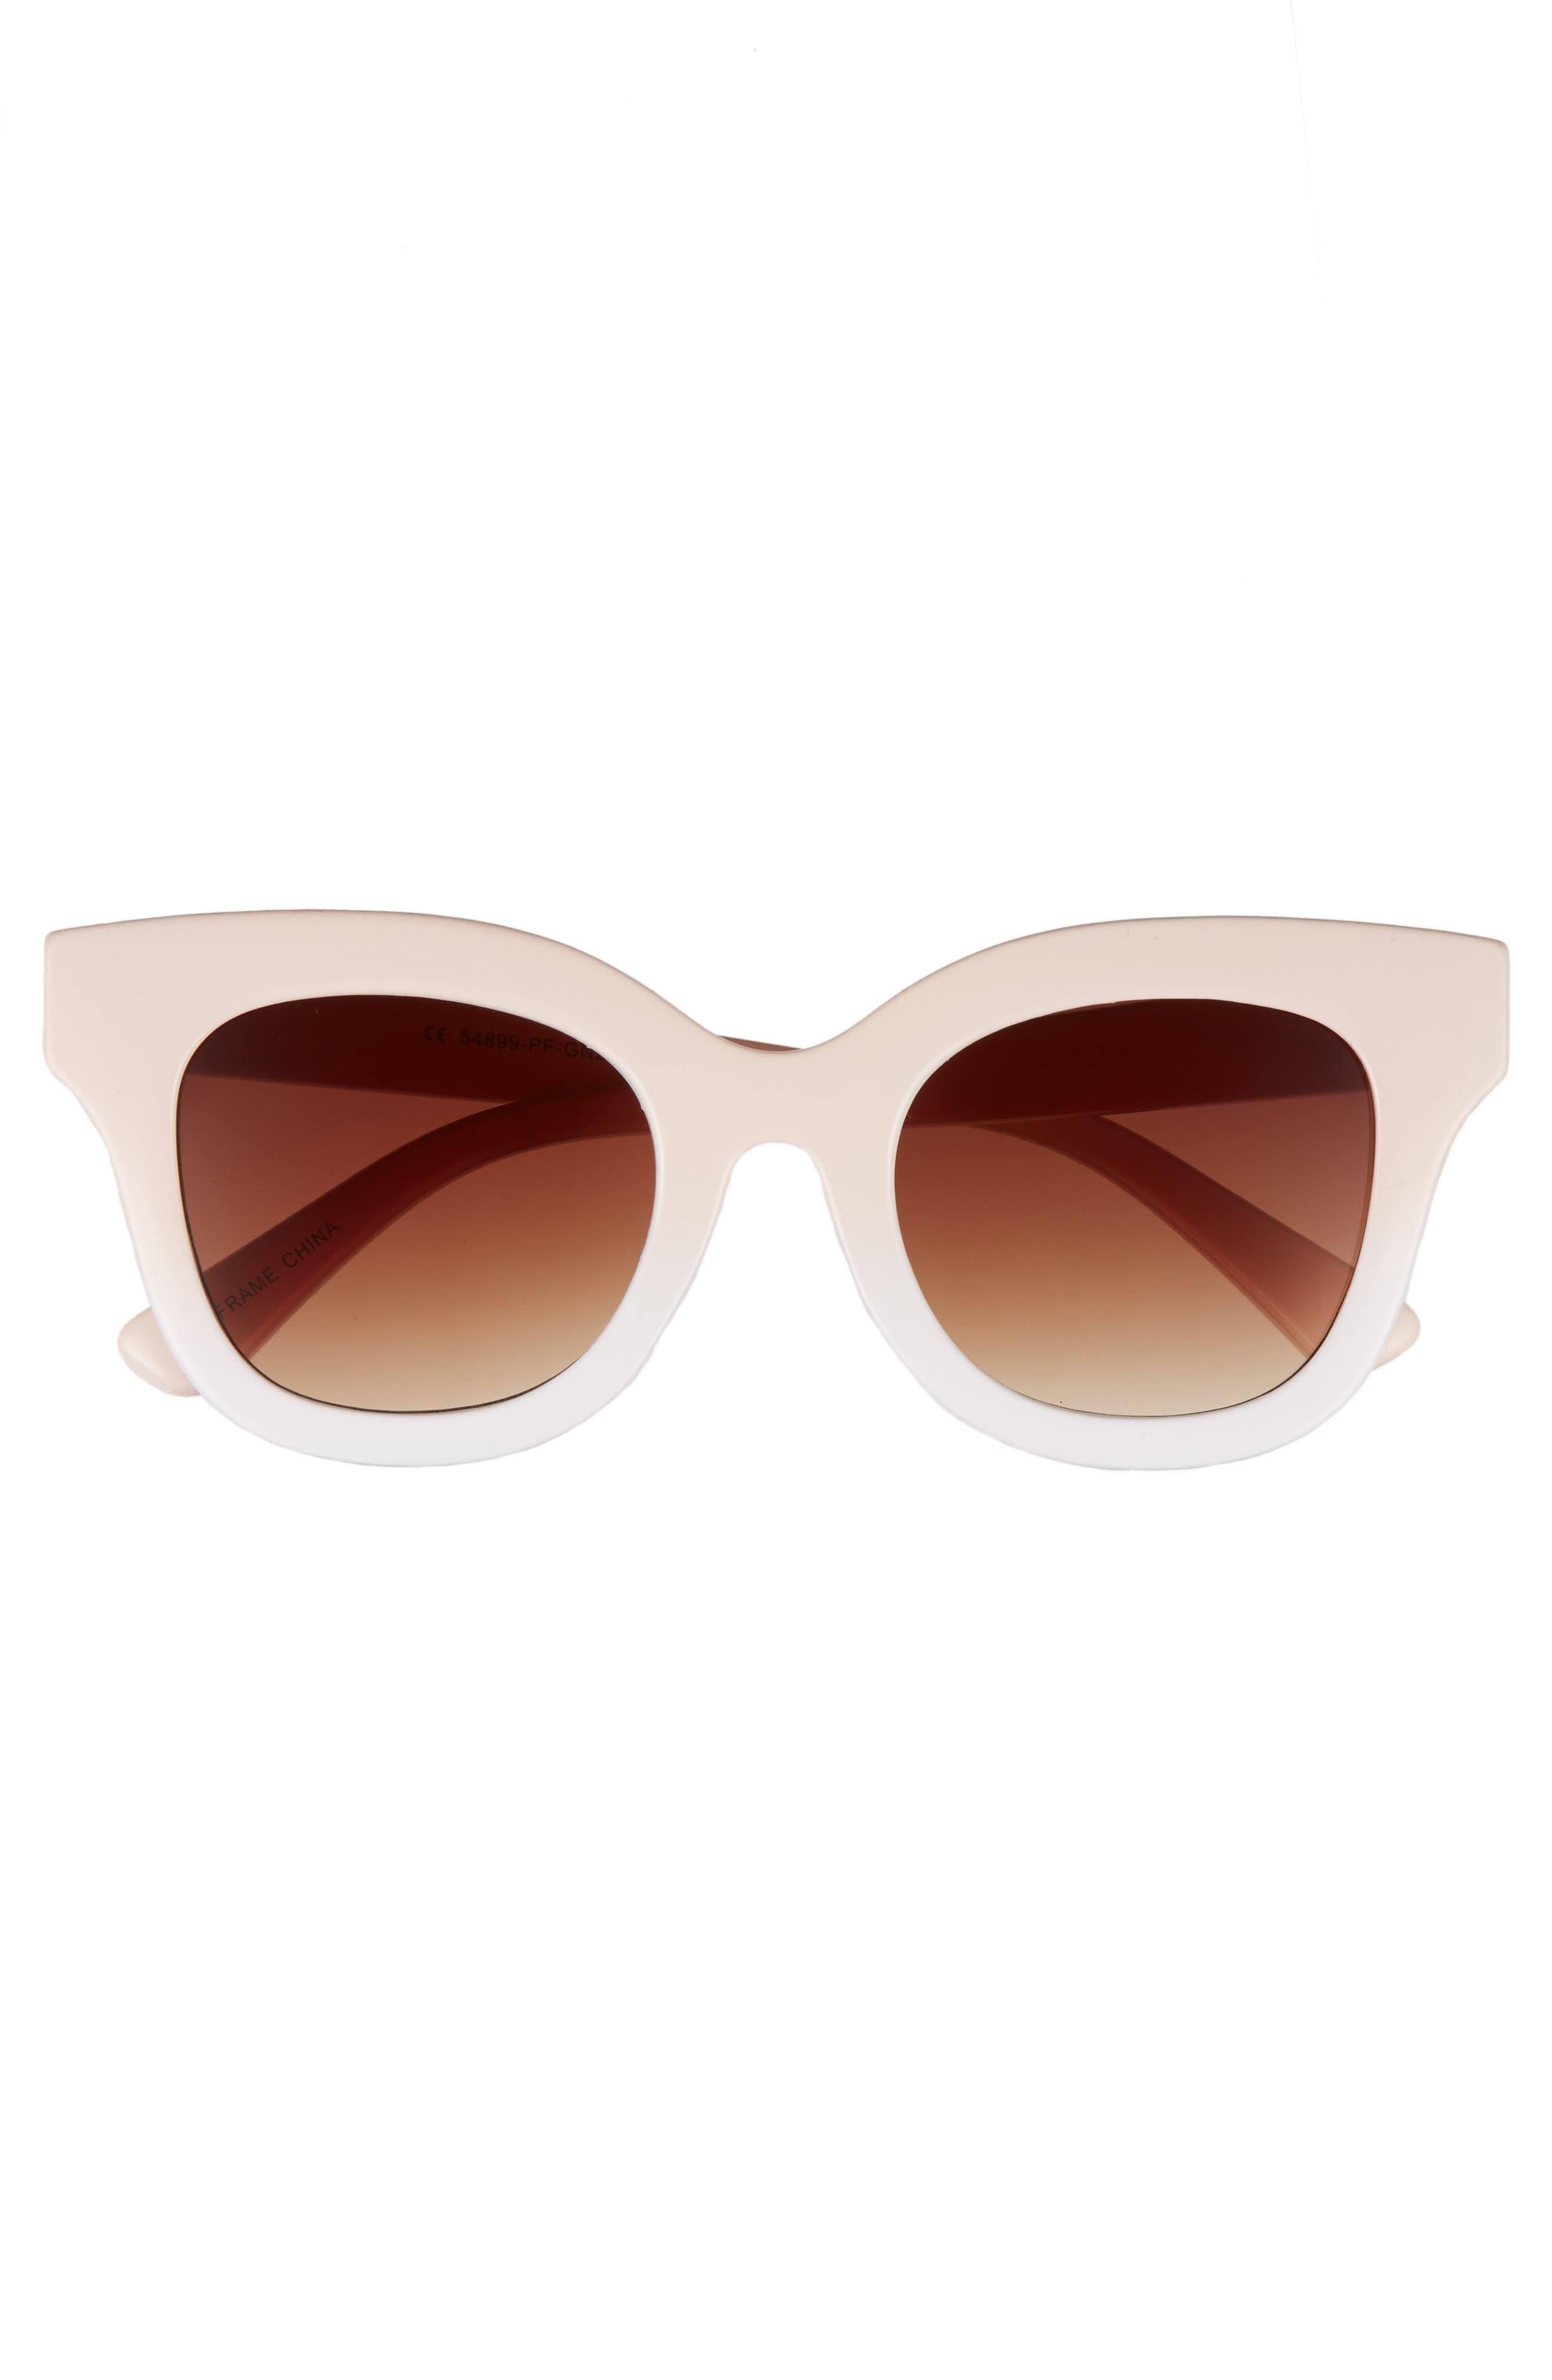 50mm Ombré Square Sunglasses,                             Alternate thumbnail 3, color,                             Pink